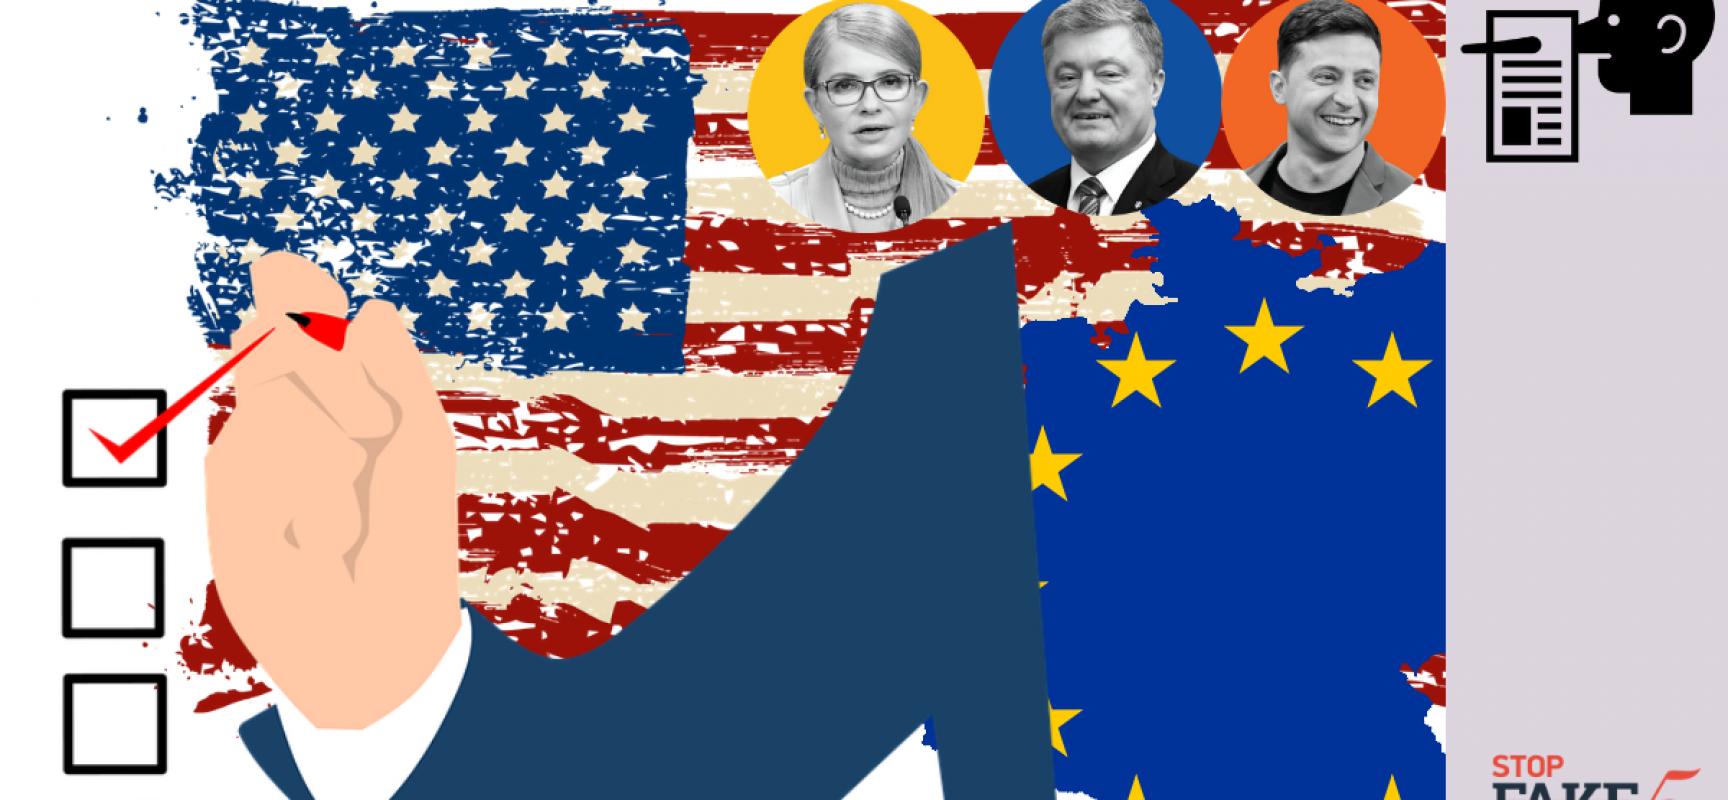 Falso: EE.UU. y la UE dirigen las elecciones presidenciales de Ucrania